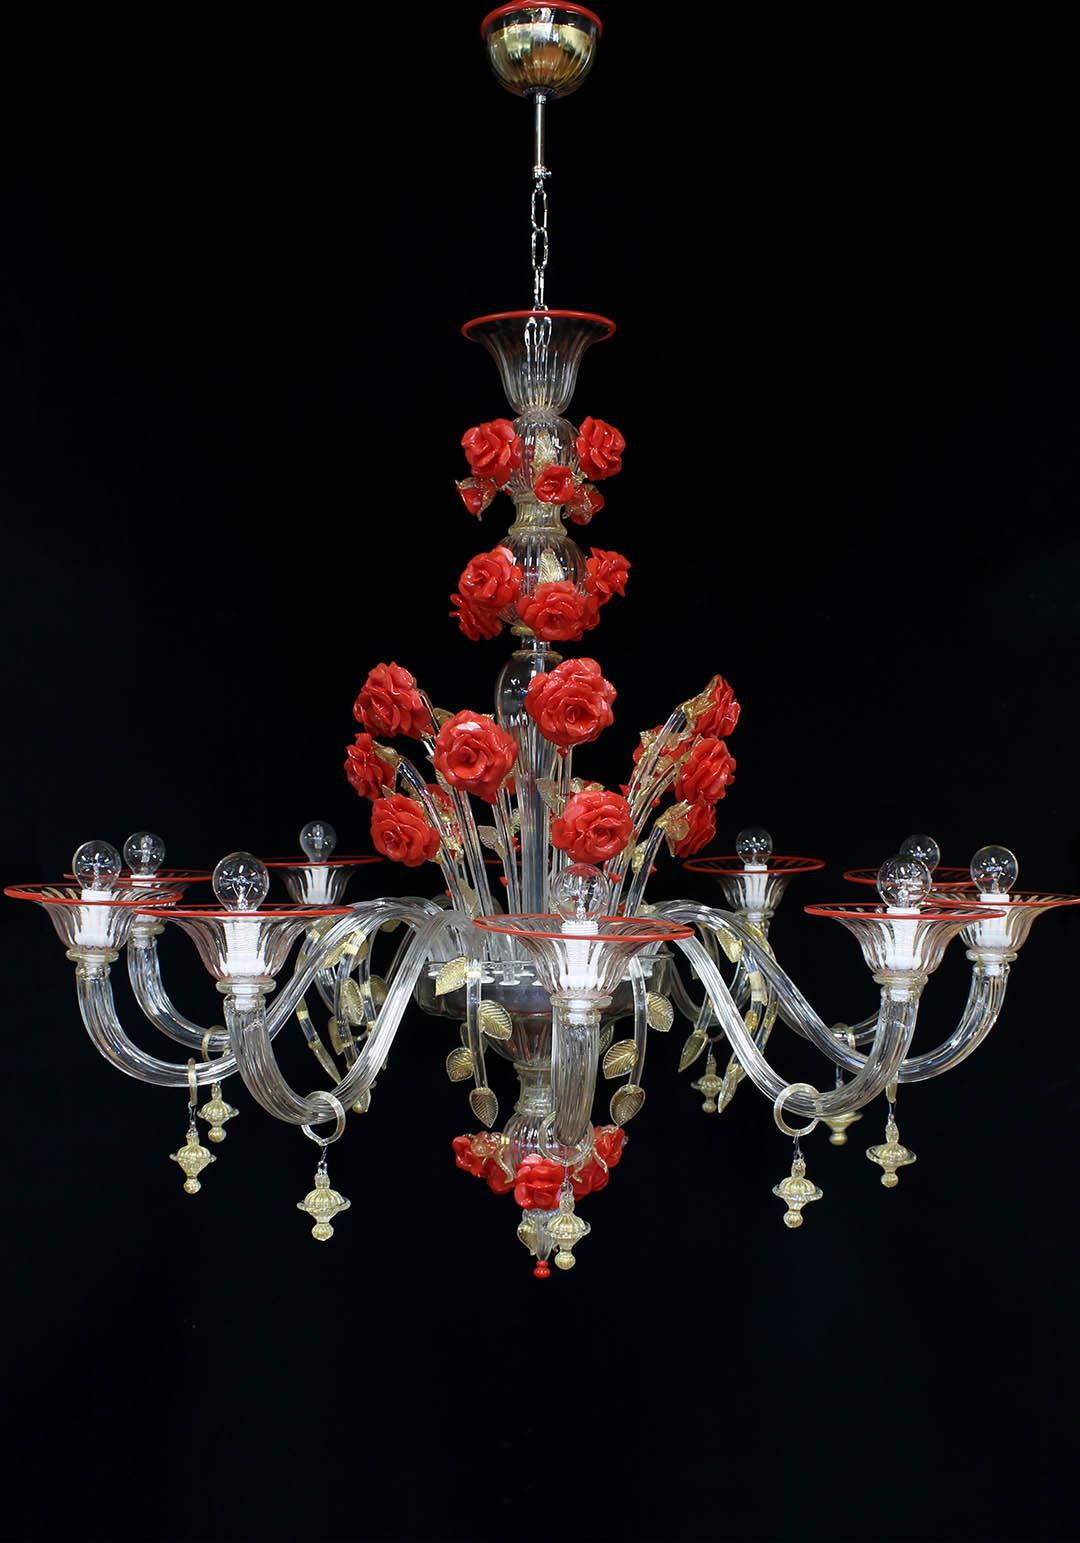 Romeo lampadario murano moderno cerchi un lampadario moderno for Lampadario vetro murano moderni